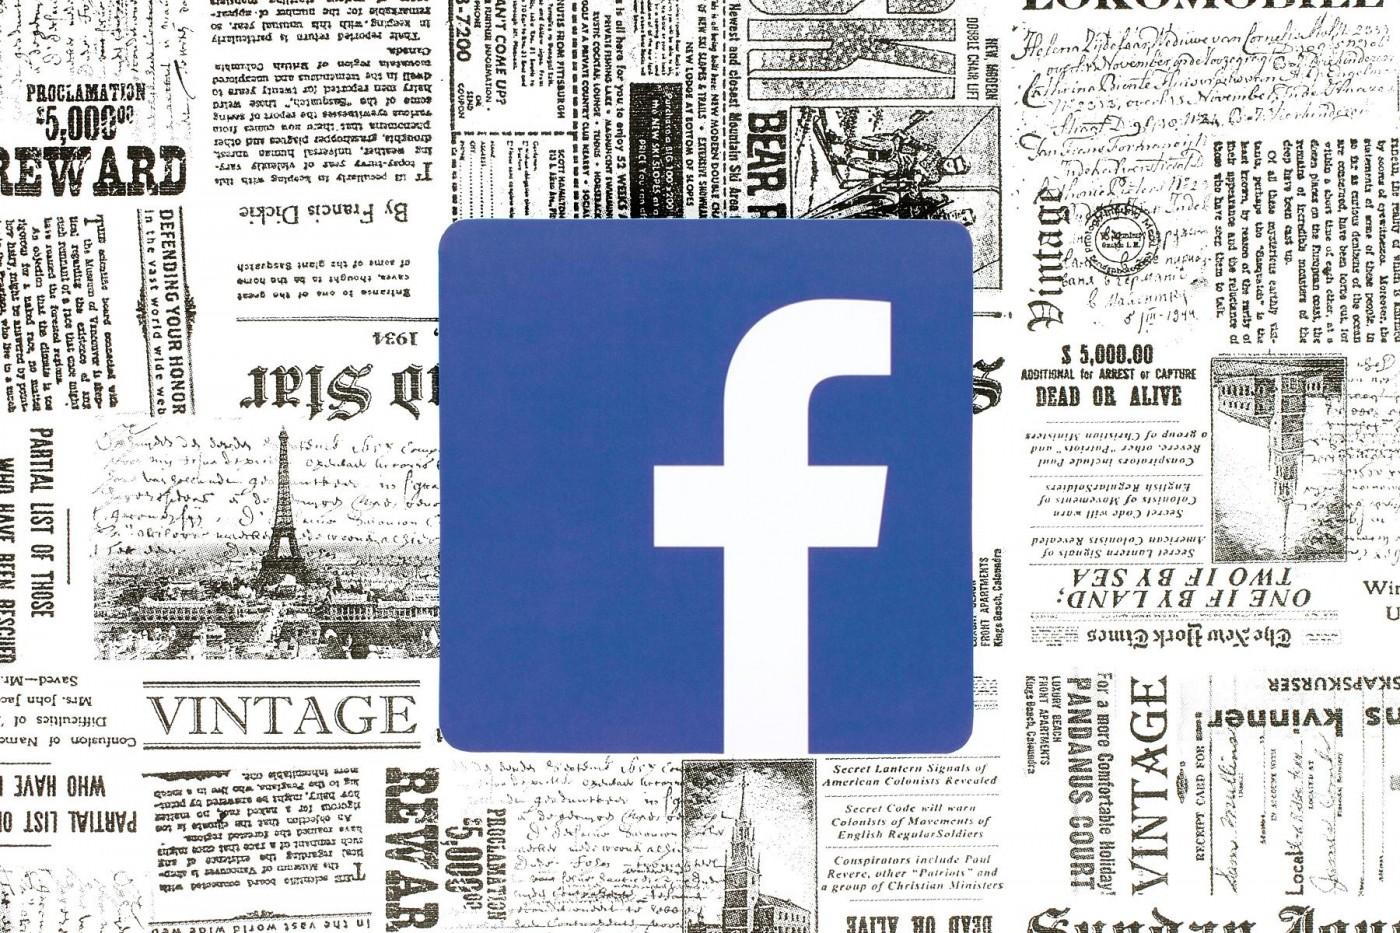 減少新聞炒作,Facebook再調演算法:地方新聞優先呈現